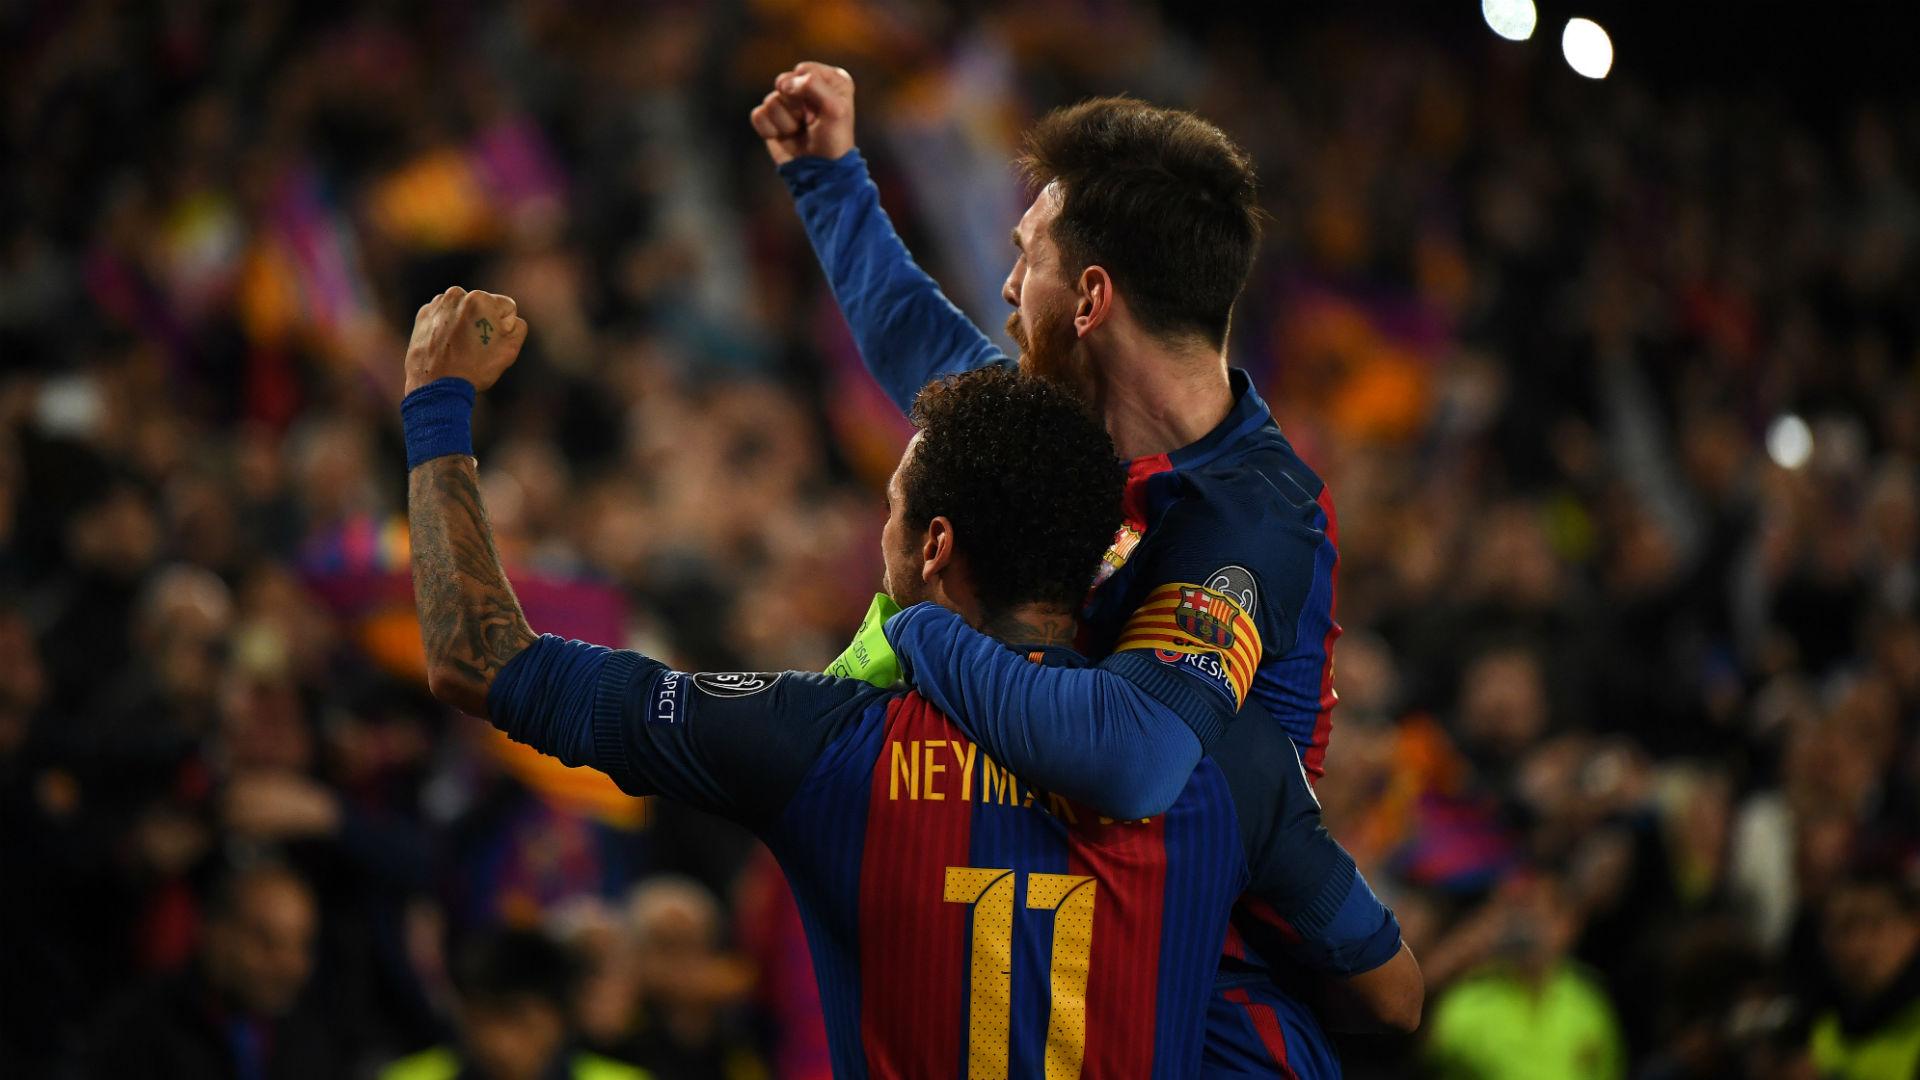 Les declaró la guerra: Neymar planea demandar al Barcelona ante la FIFA